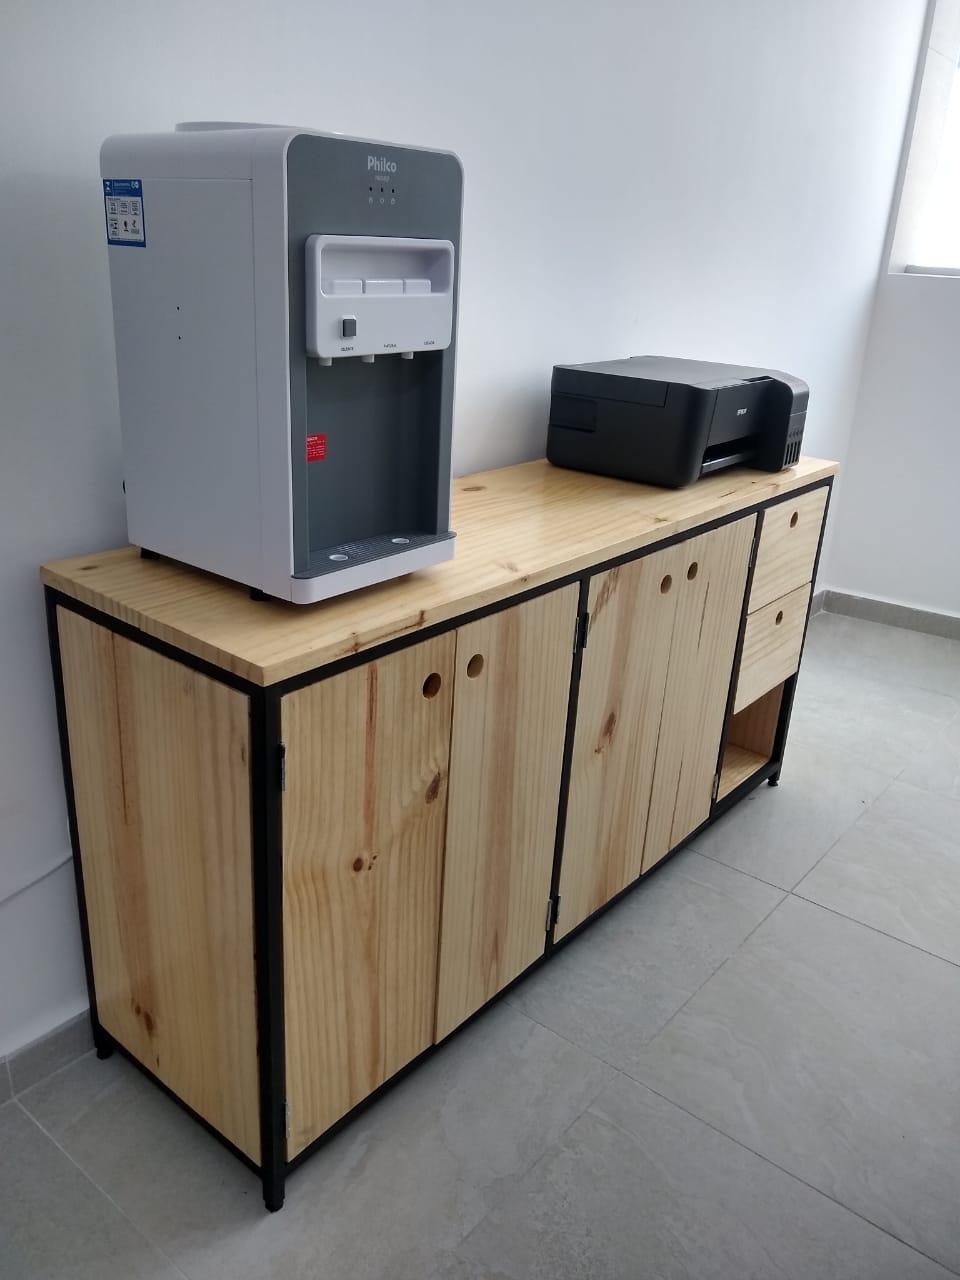 Armário 4 portas e 2 gavetas feito em madeira pinus e metalon